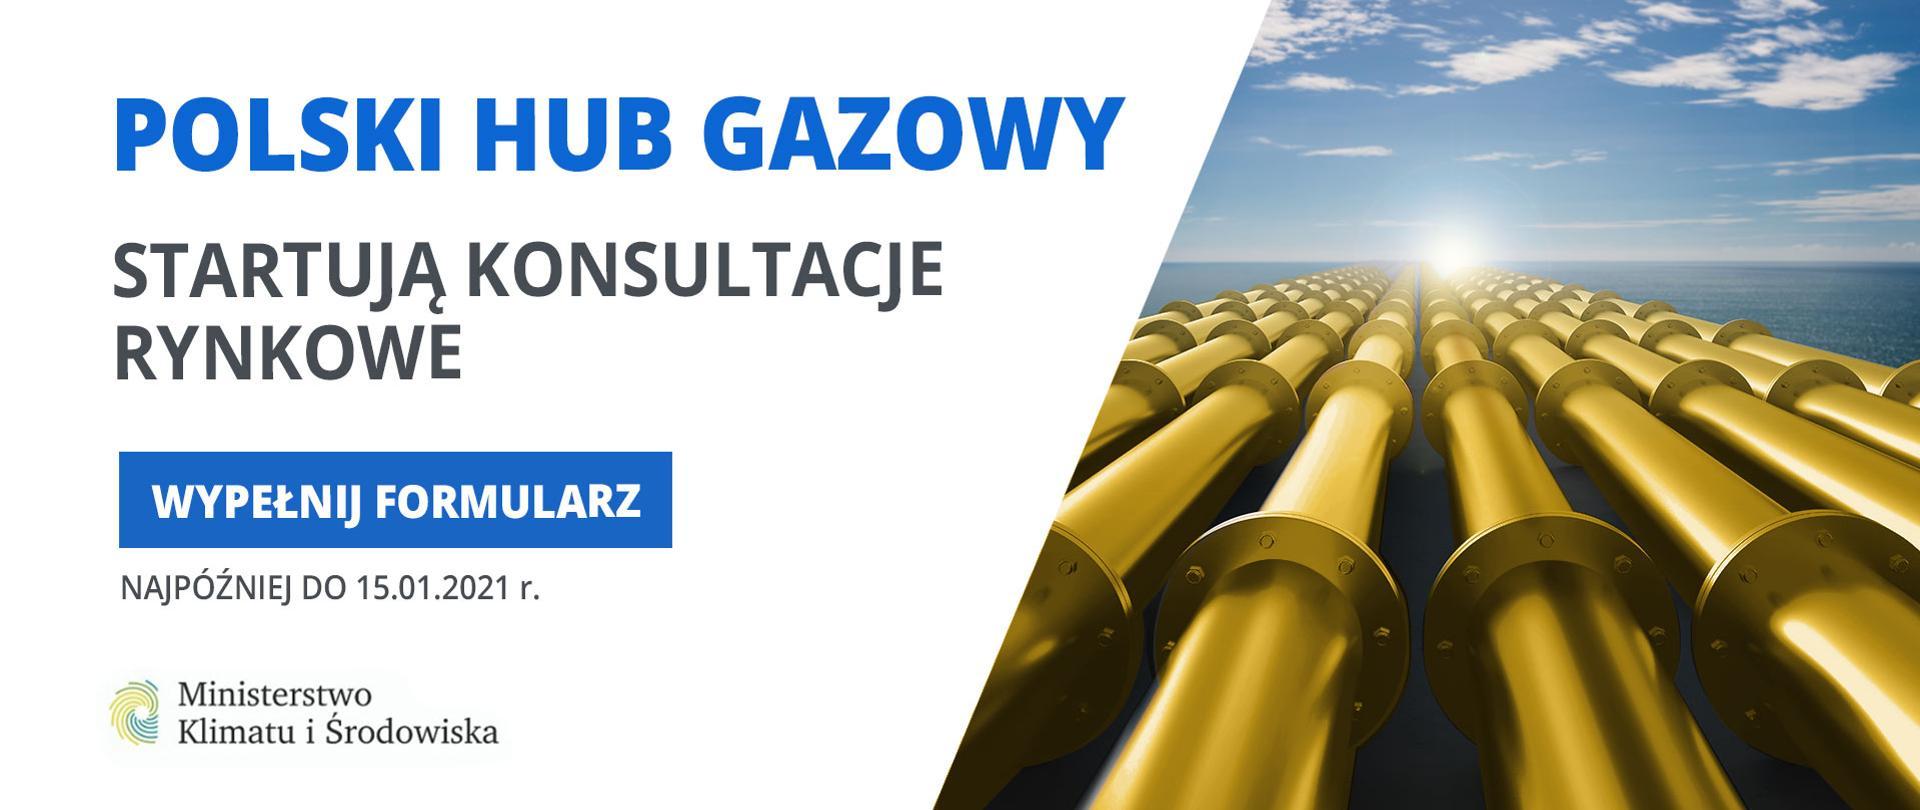 Polska regionalnym hubem gazowym? Ruszają konsultacje rynkowe